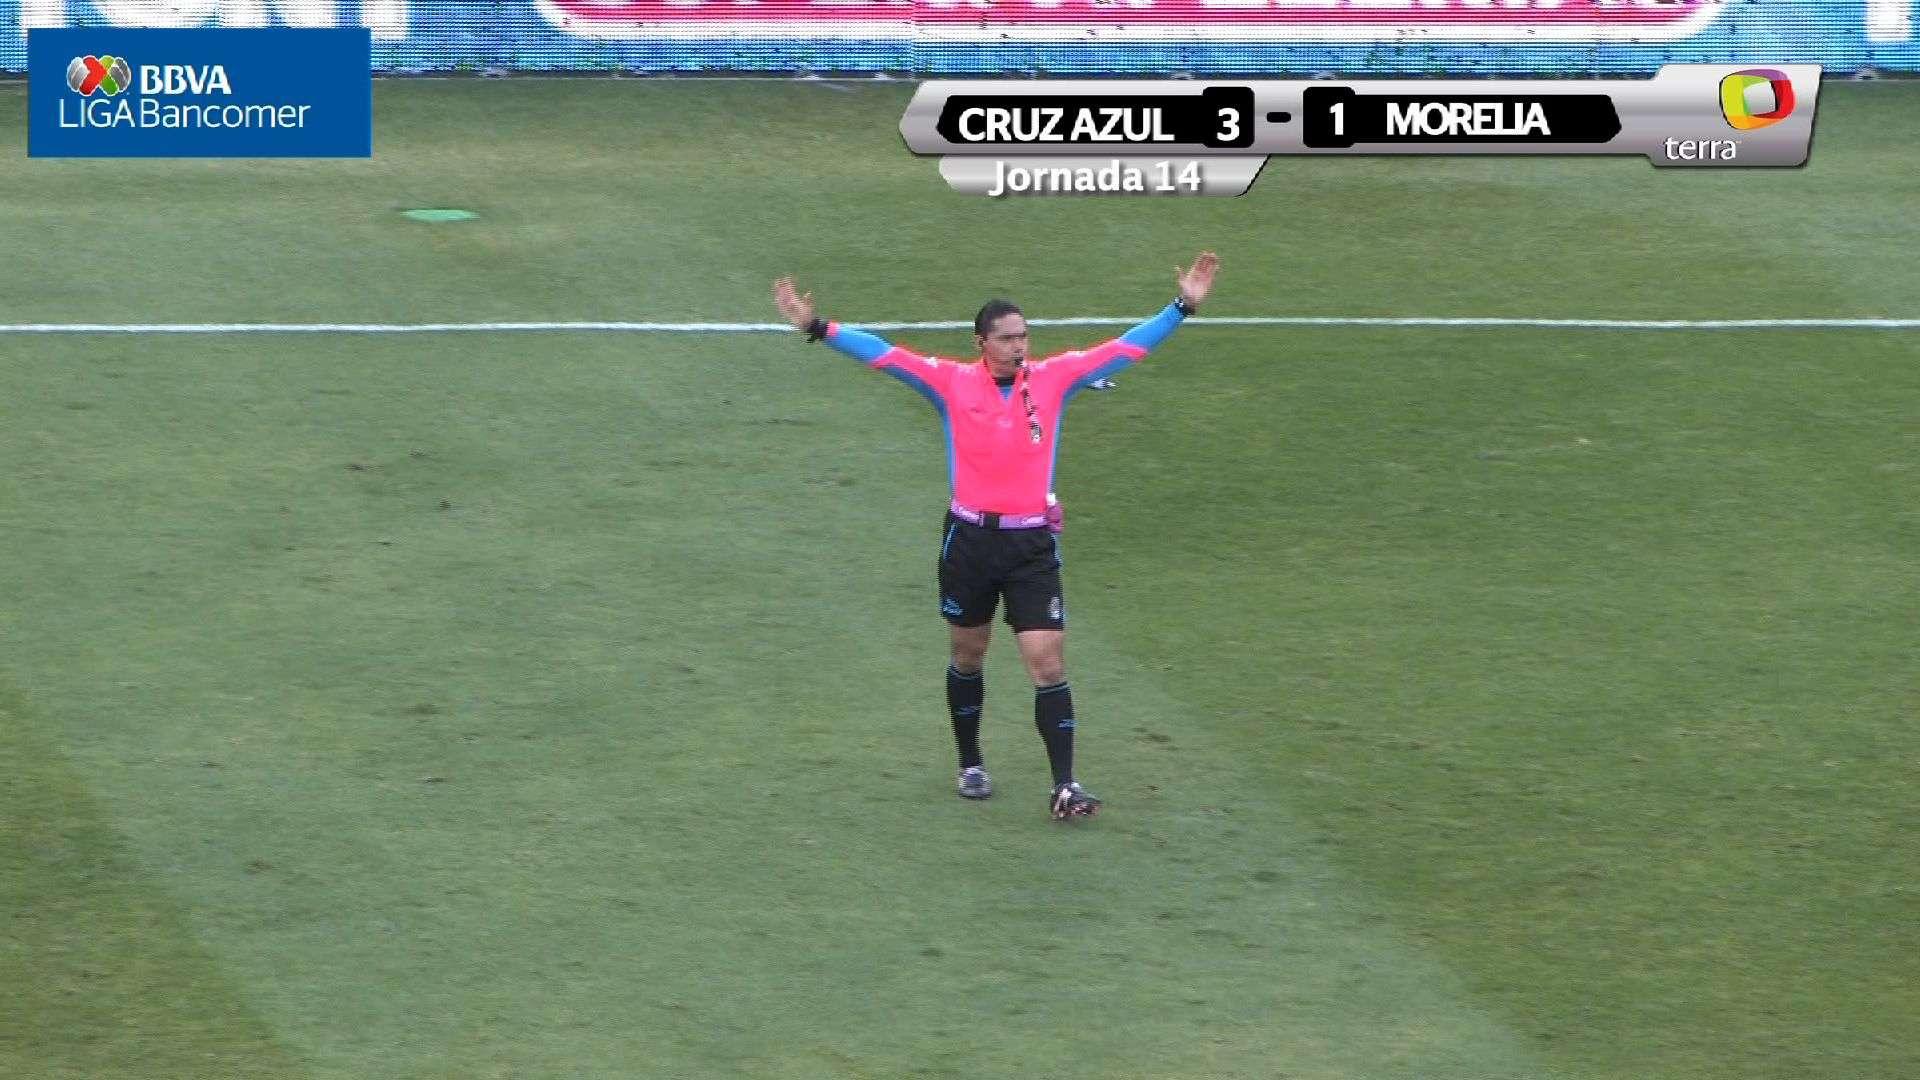 Jornada 14, Cruz Azul 3-1 Morelia, Apertura 2014